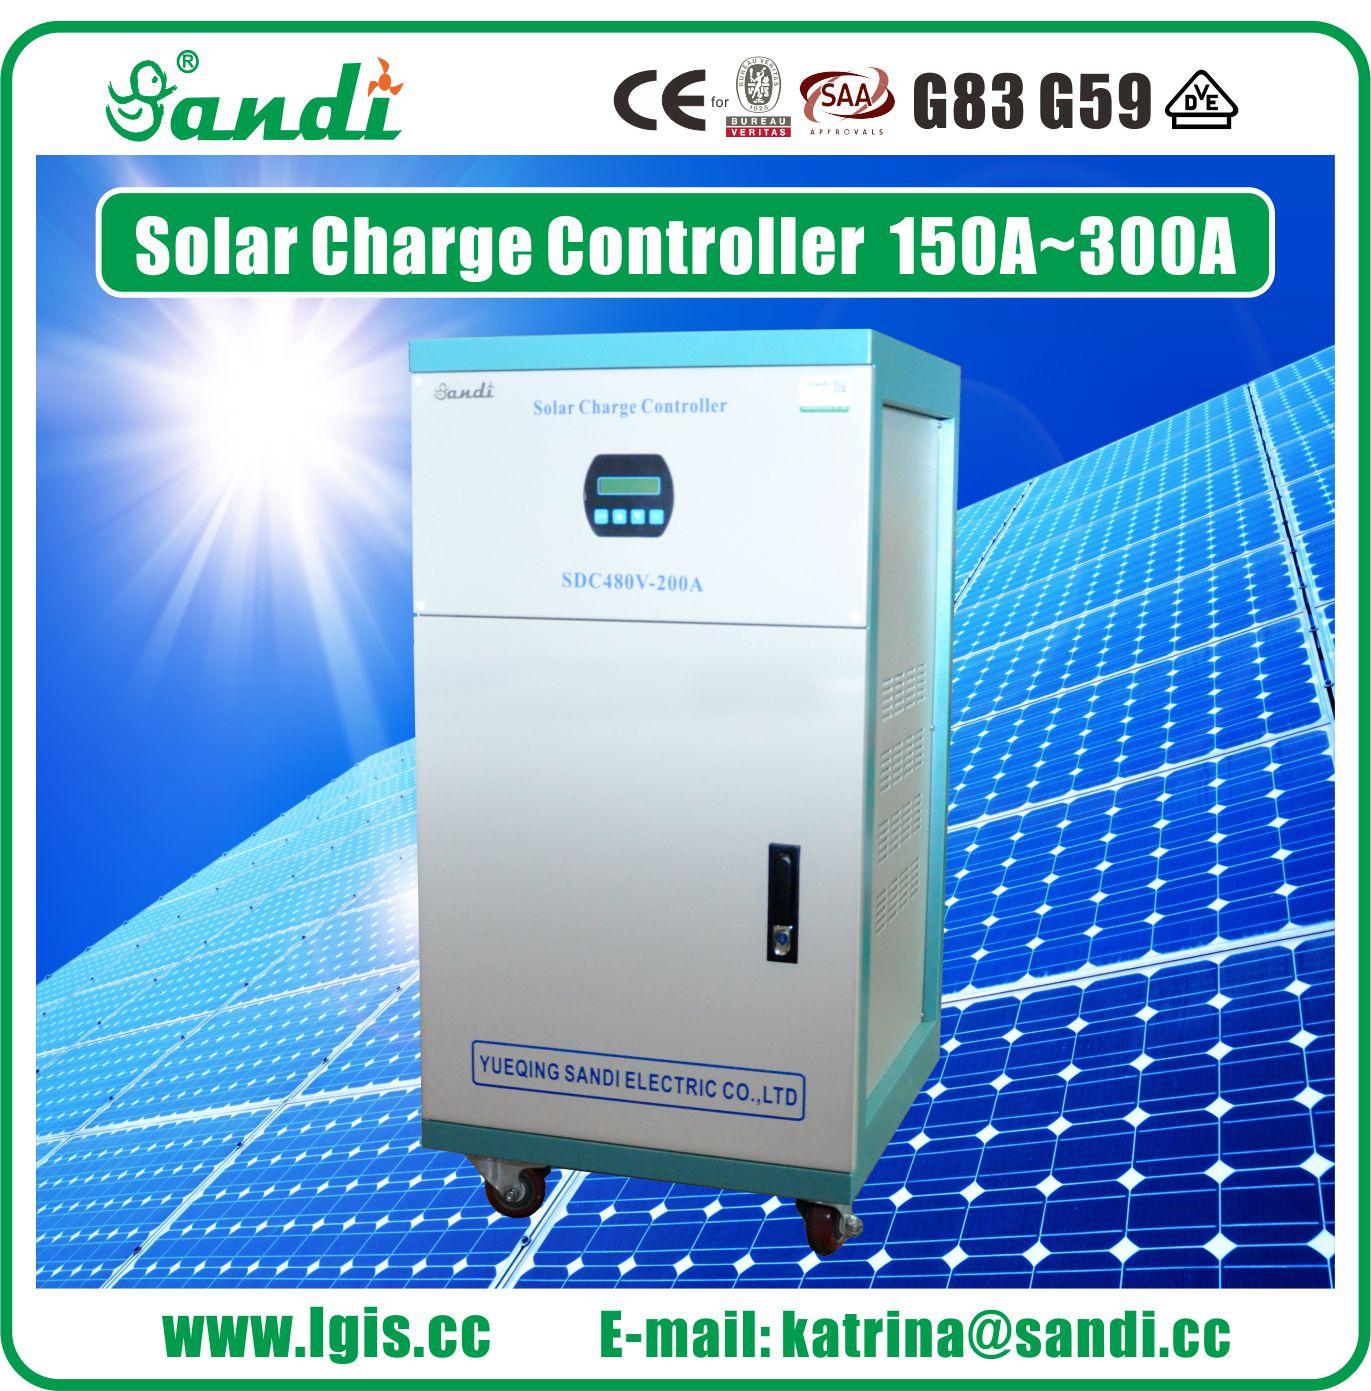 SDC240V (200A-300A)